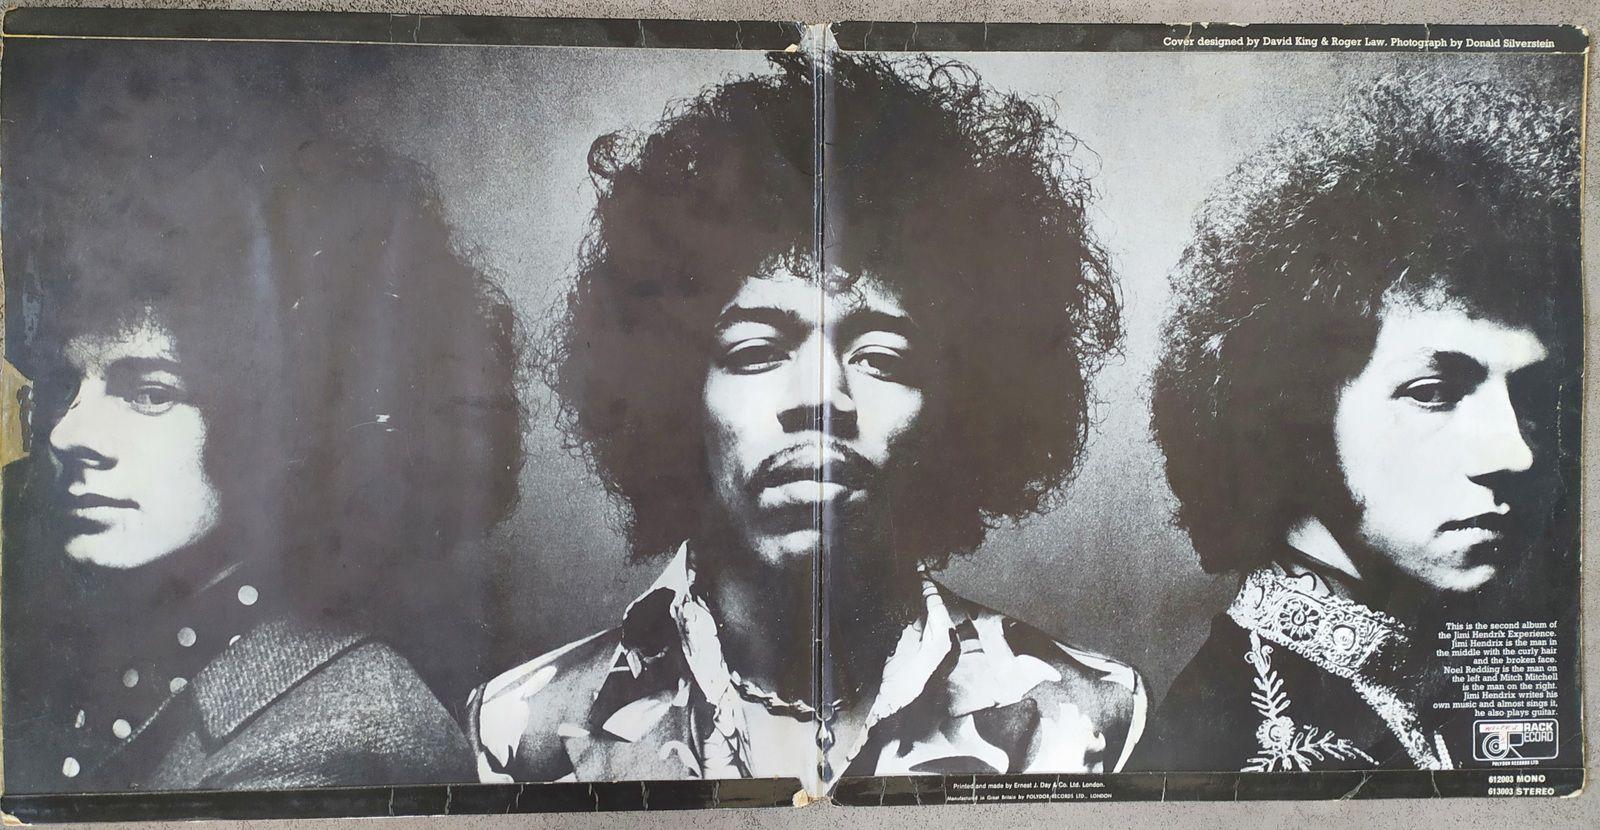 Jimi Hendrix - Spanish Castle Magic : traduction en français, interprétation, versions Jimi Hendrix, et reprises de Santana et autres dans rocktranslation.fr.